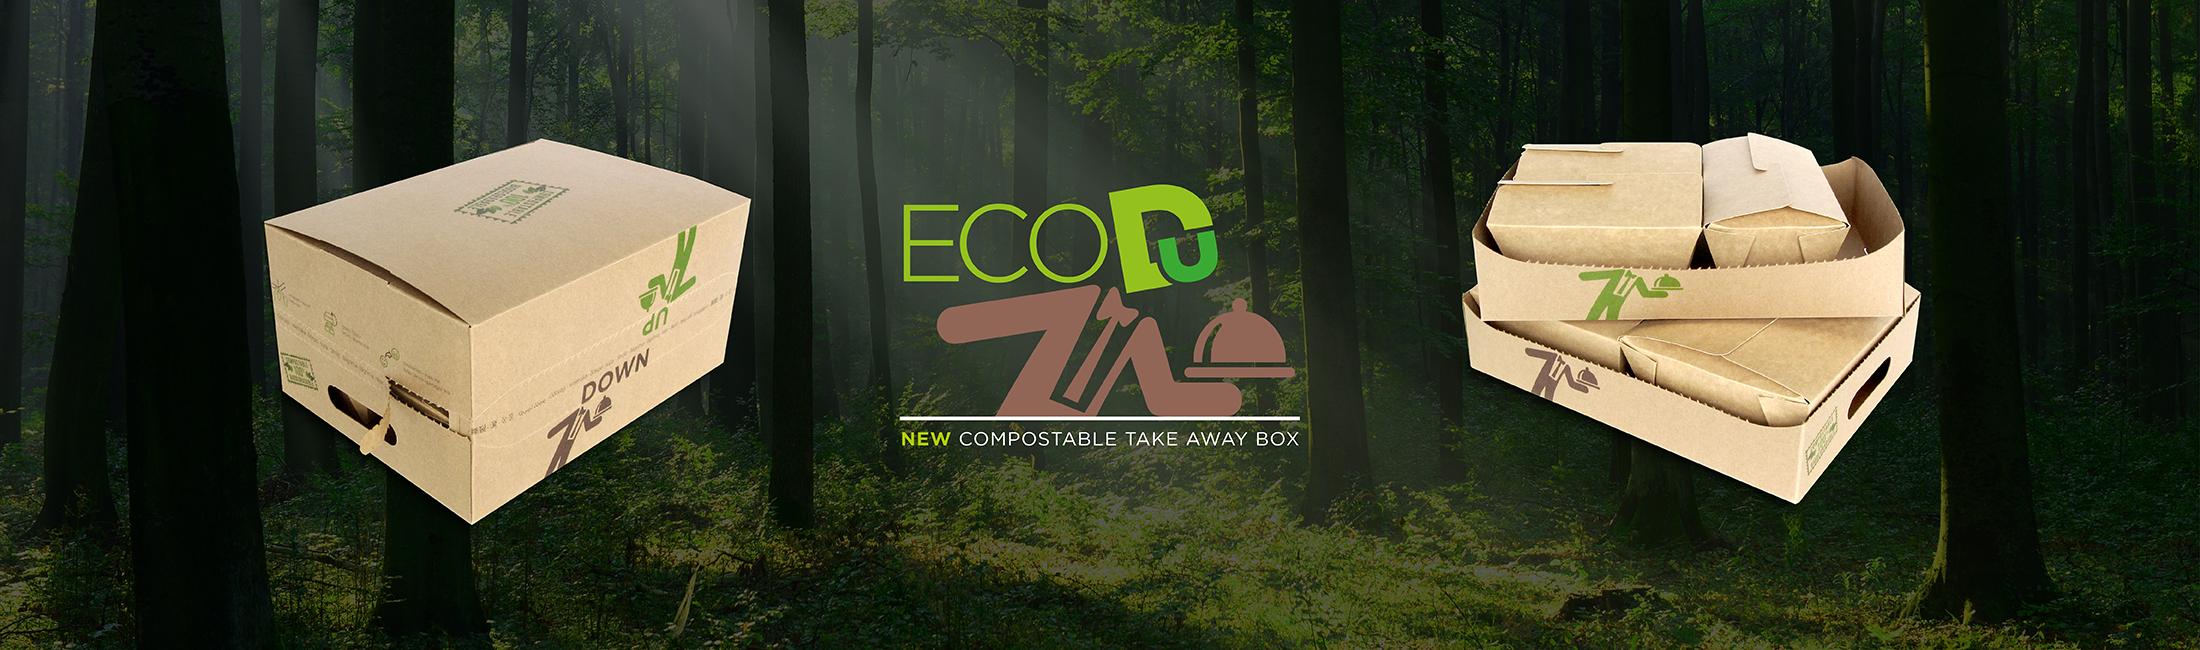 ECODU_packaging_food_takeaway_2200x650